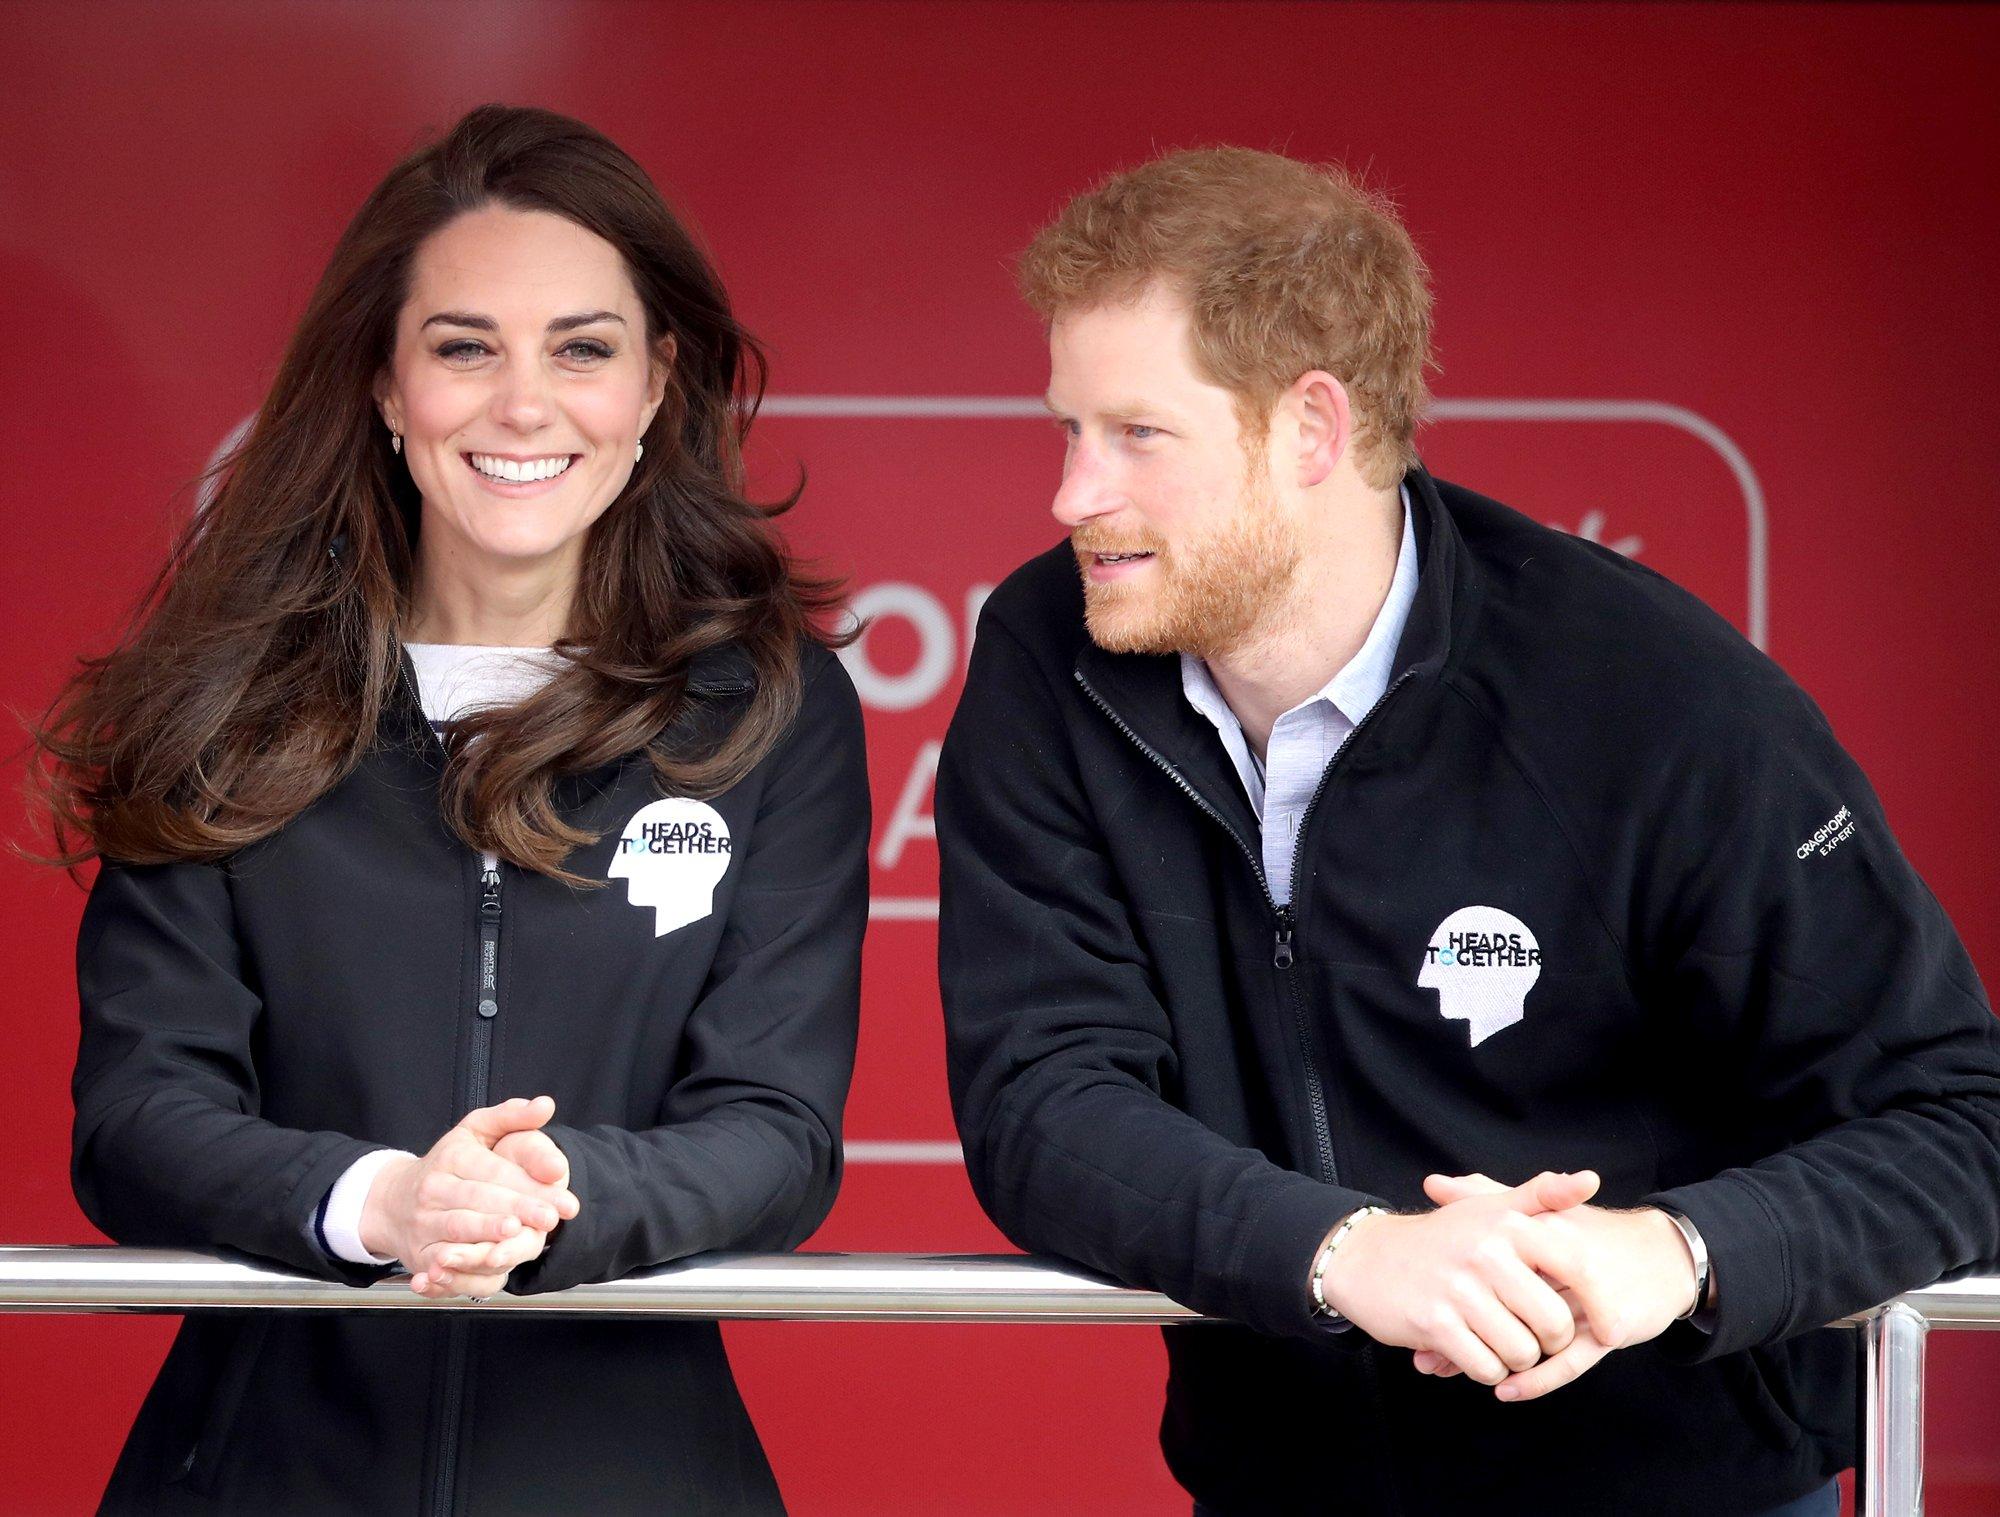 """thumbnail 200a29f843c1b09b0b1e1c32de0f4432.jpeg?resize=300,169 - Príncipe Harry supostamente pediu o """"Selo de Aprovação"""" de Kate Middleton antes de pedir Meghan Markle em casamento"""